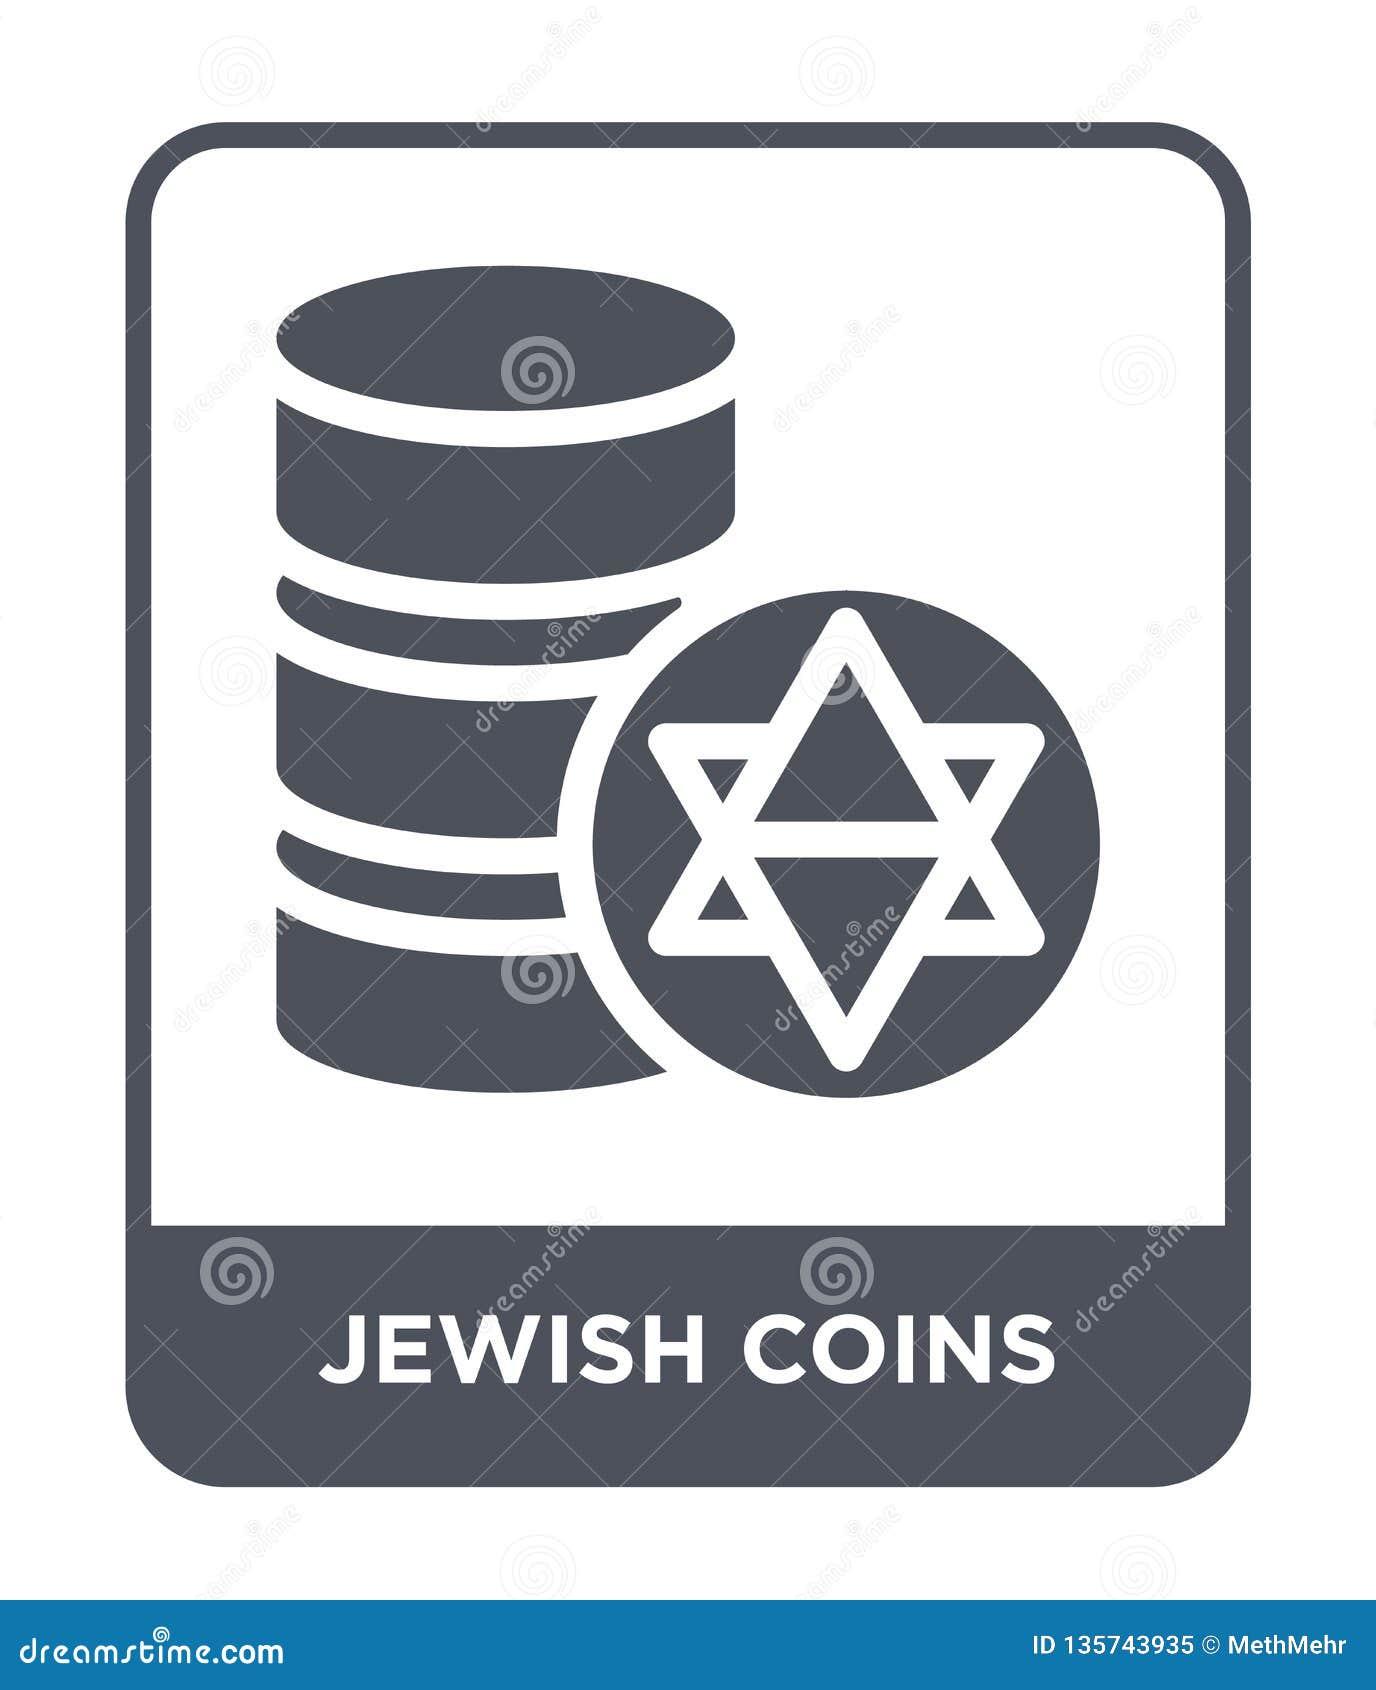 ícone judaico das moedas no estilo na moda do projeto ícone judaico das moedas isolado no fundo branco ícone judaico do vetor das